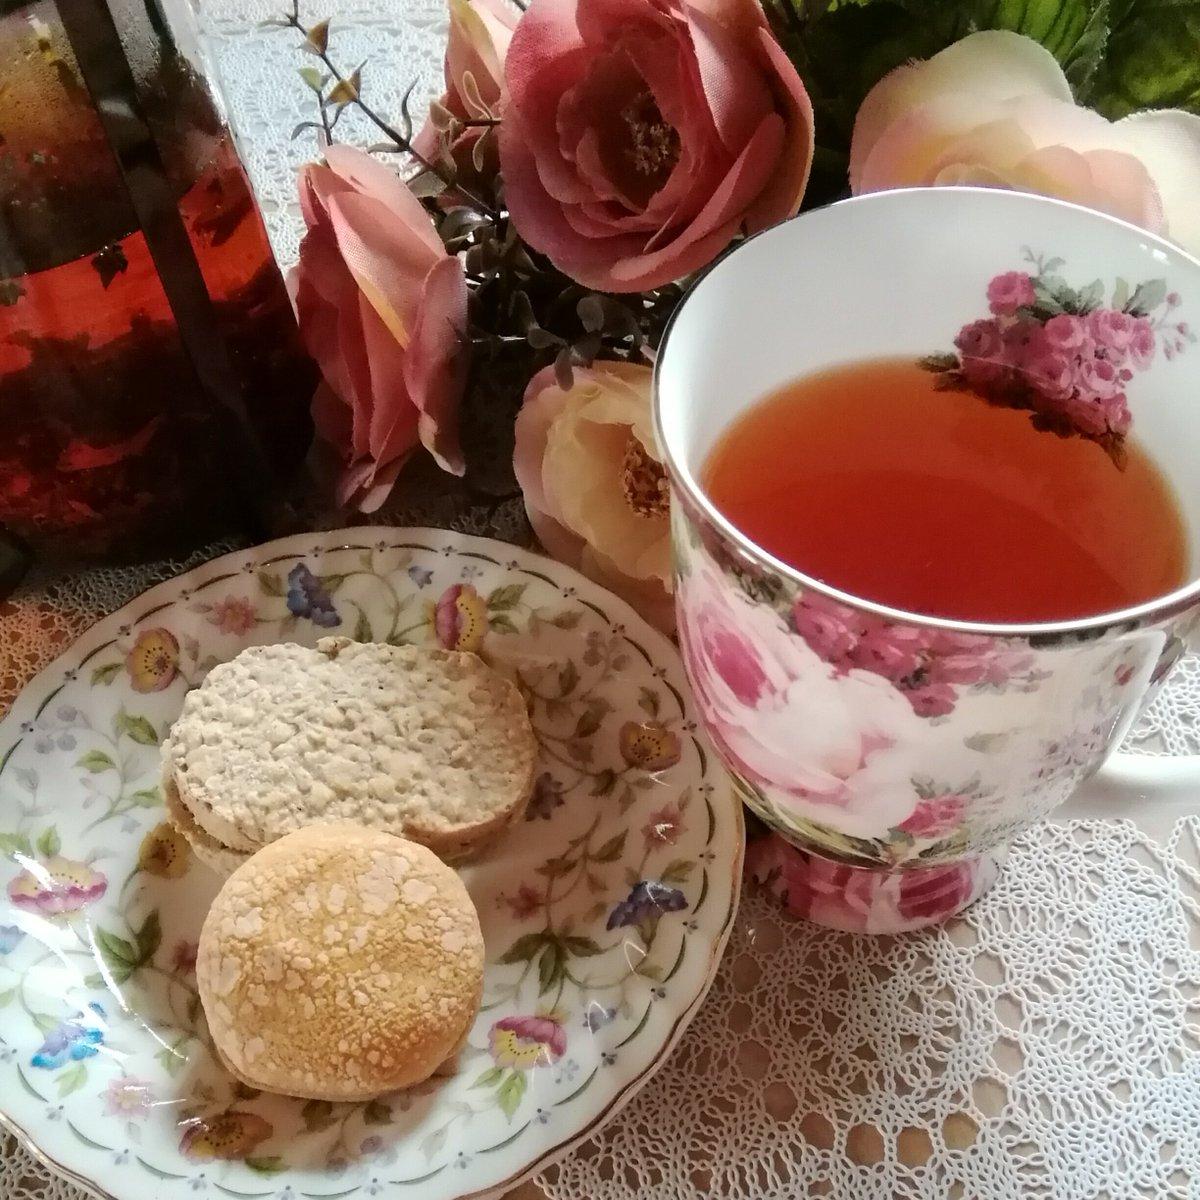 test ツイッターメディア - おはようございます😊 朝から甘いものを頂いております😌 かのマリー・アントワネット王妃もダイエットに 実践されていたのが朝に甘いものを食す事だとか… 本当ですか⁉ てな訳で?マリーアントワネットティー🌹と一緒に大麦で作られたダクワーズ🍓を頂きました😋 麦の香りがお口の中で広がって美味❤ https://t.co/oEDCgEKhNb